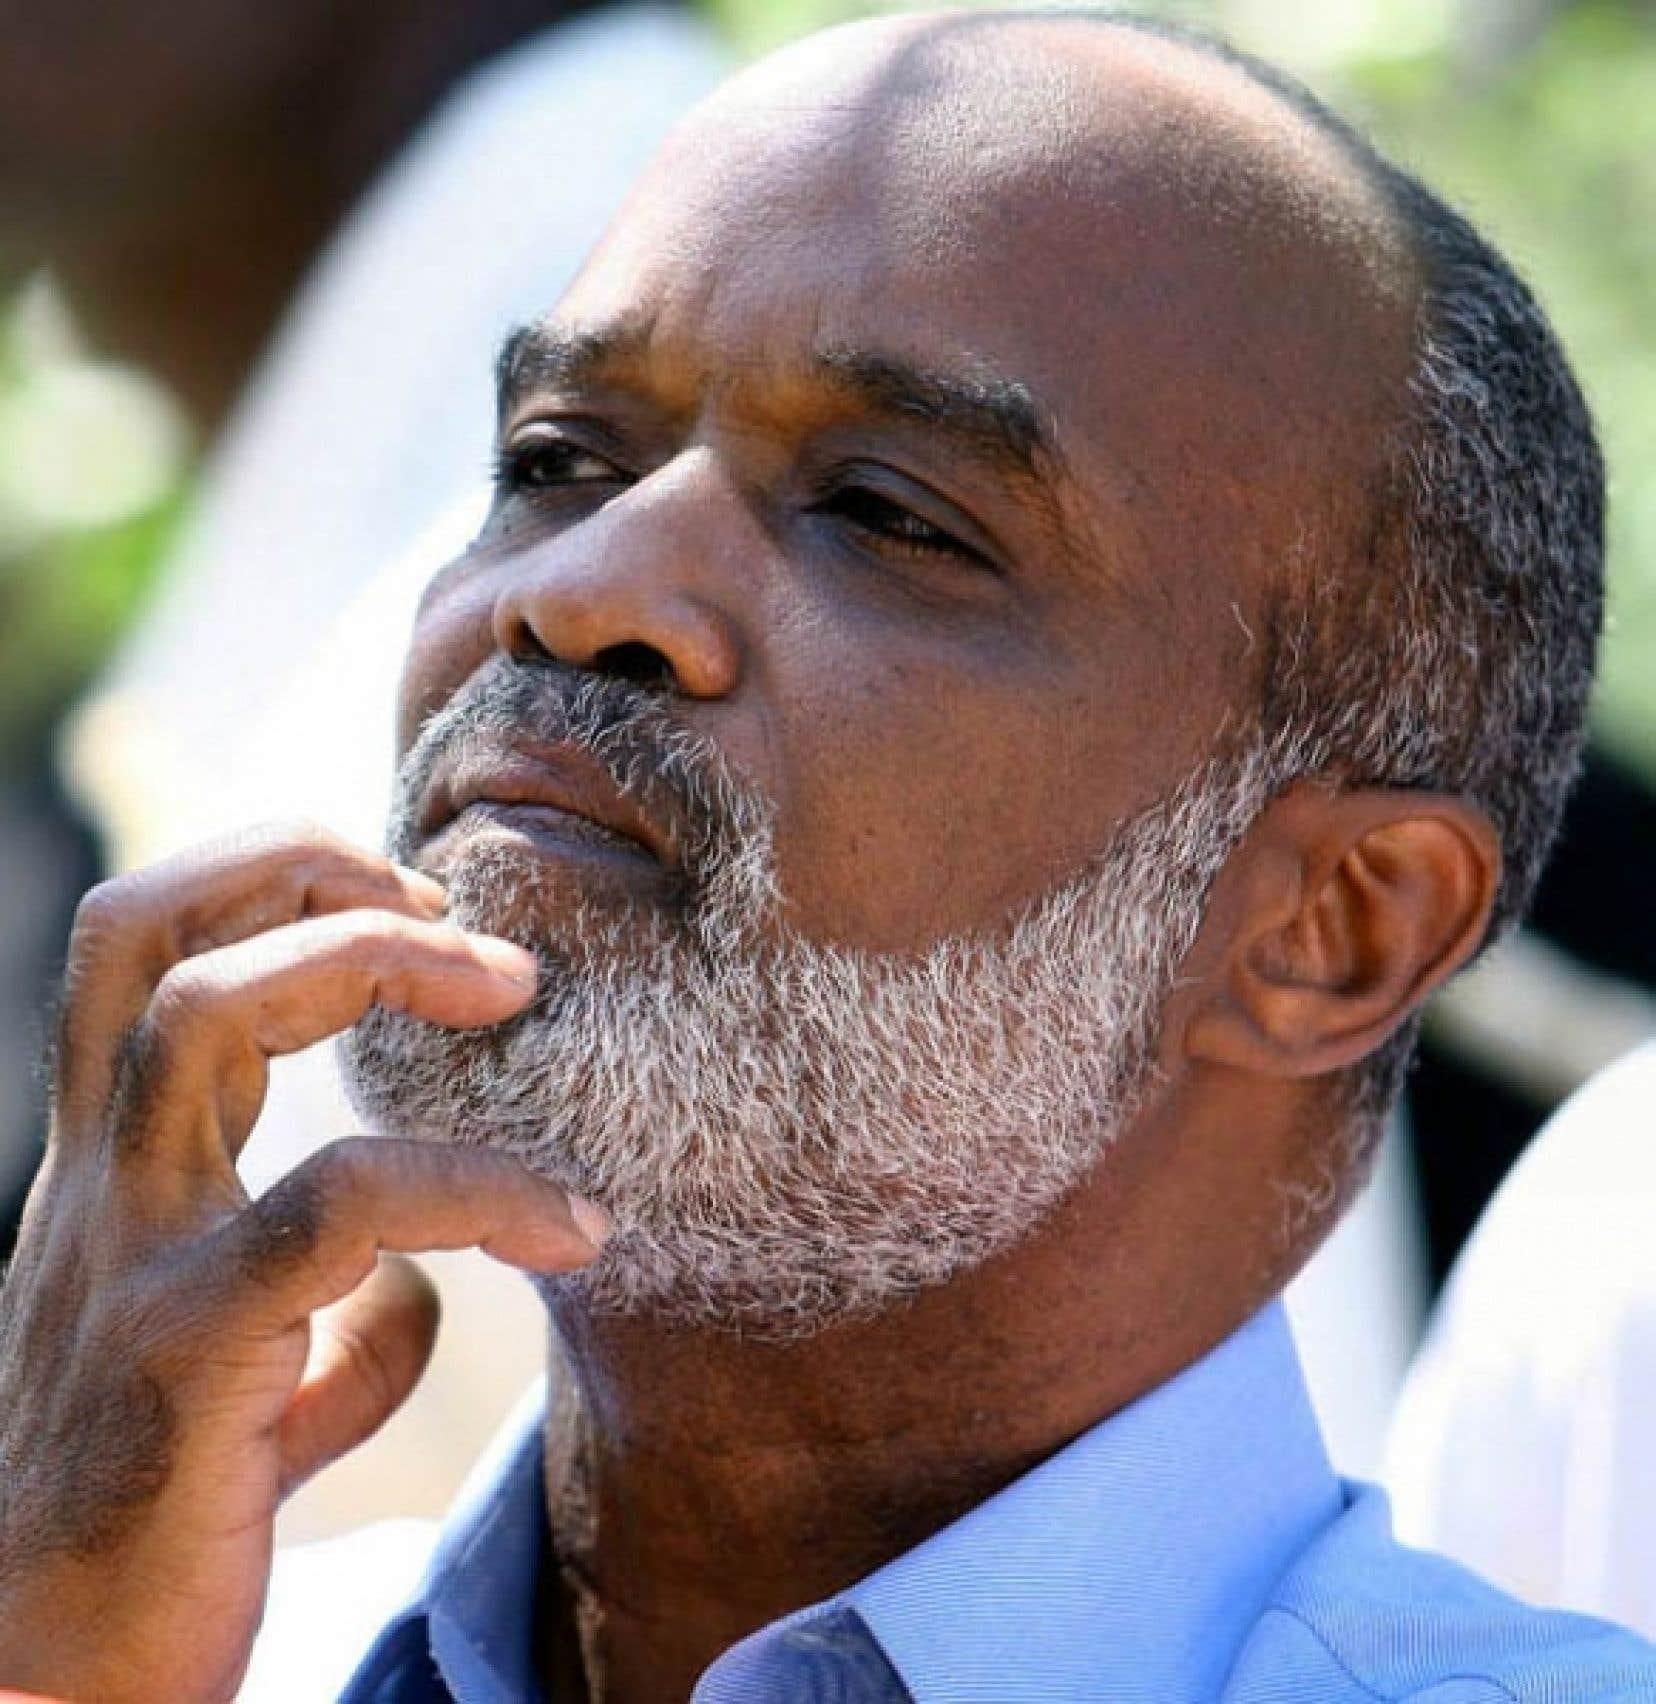 Des milliers de personnes gagnent à nouveau les rues à Port-au-Prince et dans quelques villes de province pour réclamer le départ du président René Préval.